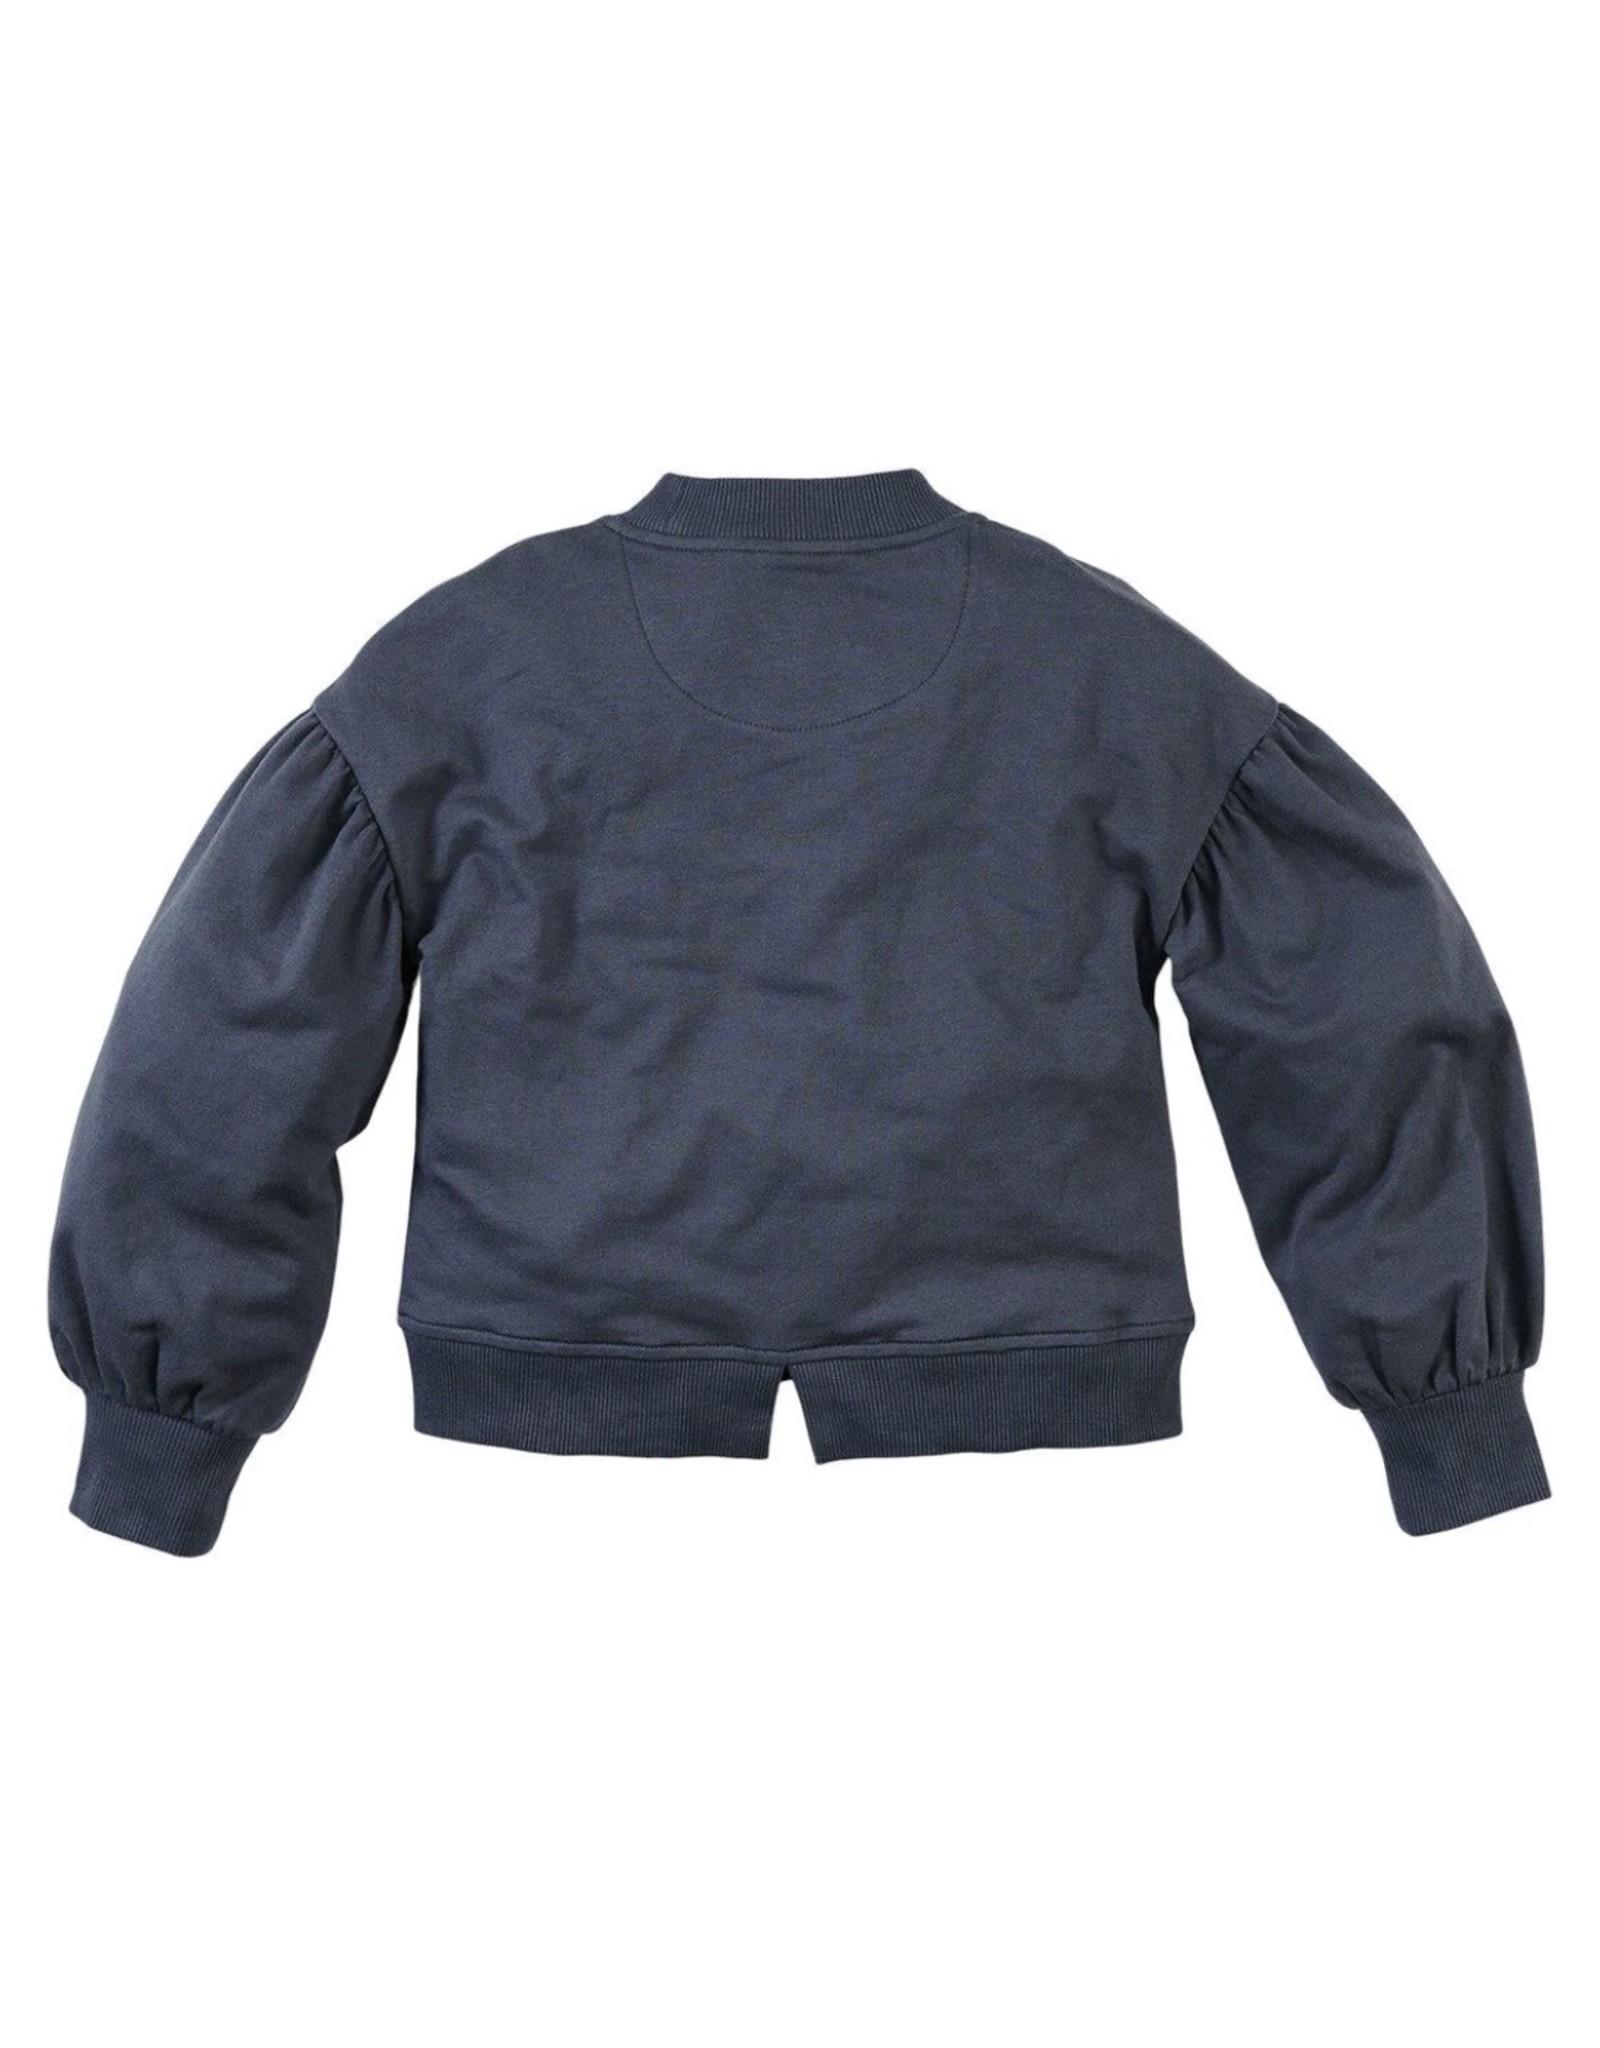 Z8 Nive Sweater